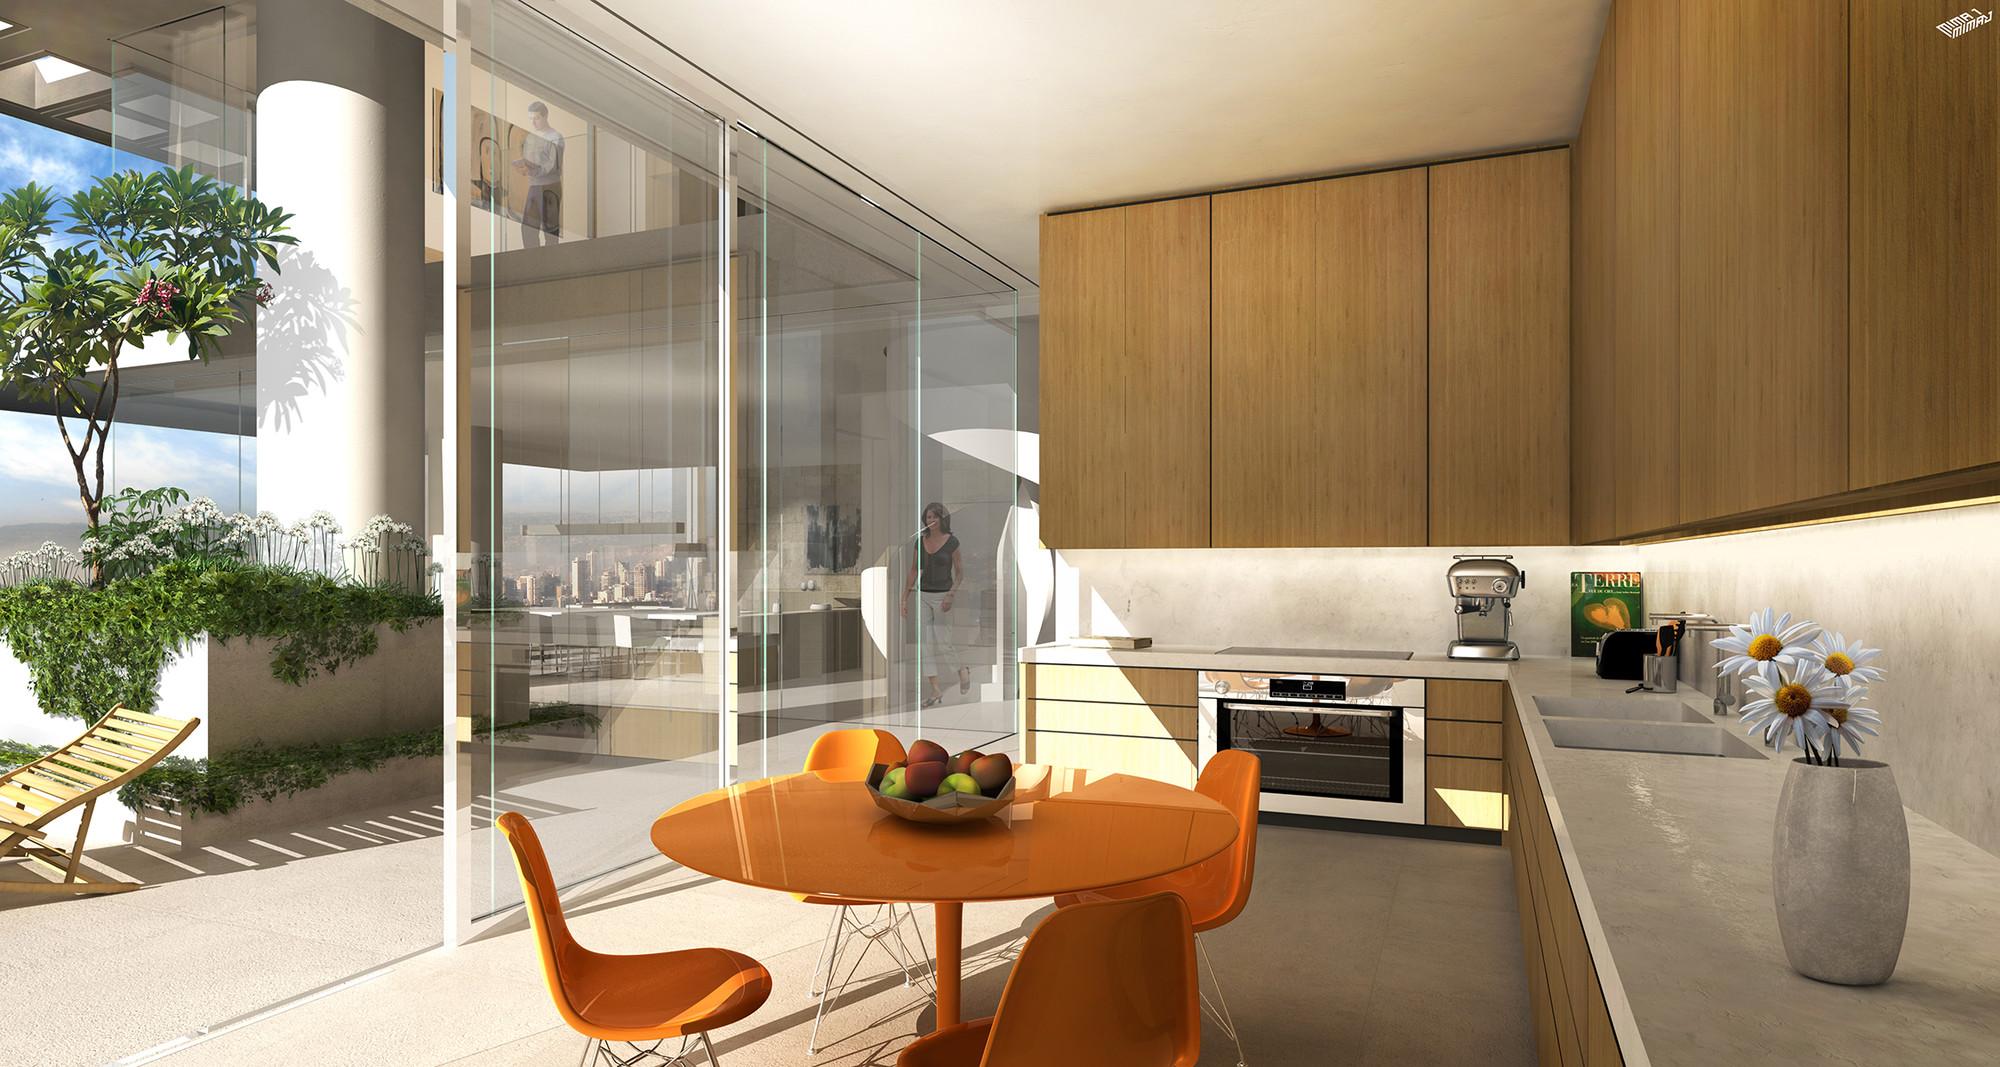 Image Result For Furniture For Kitchen